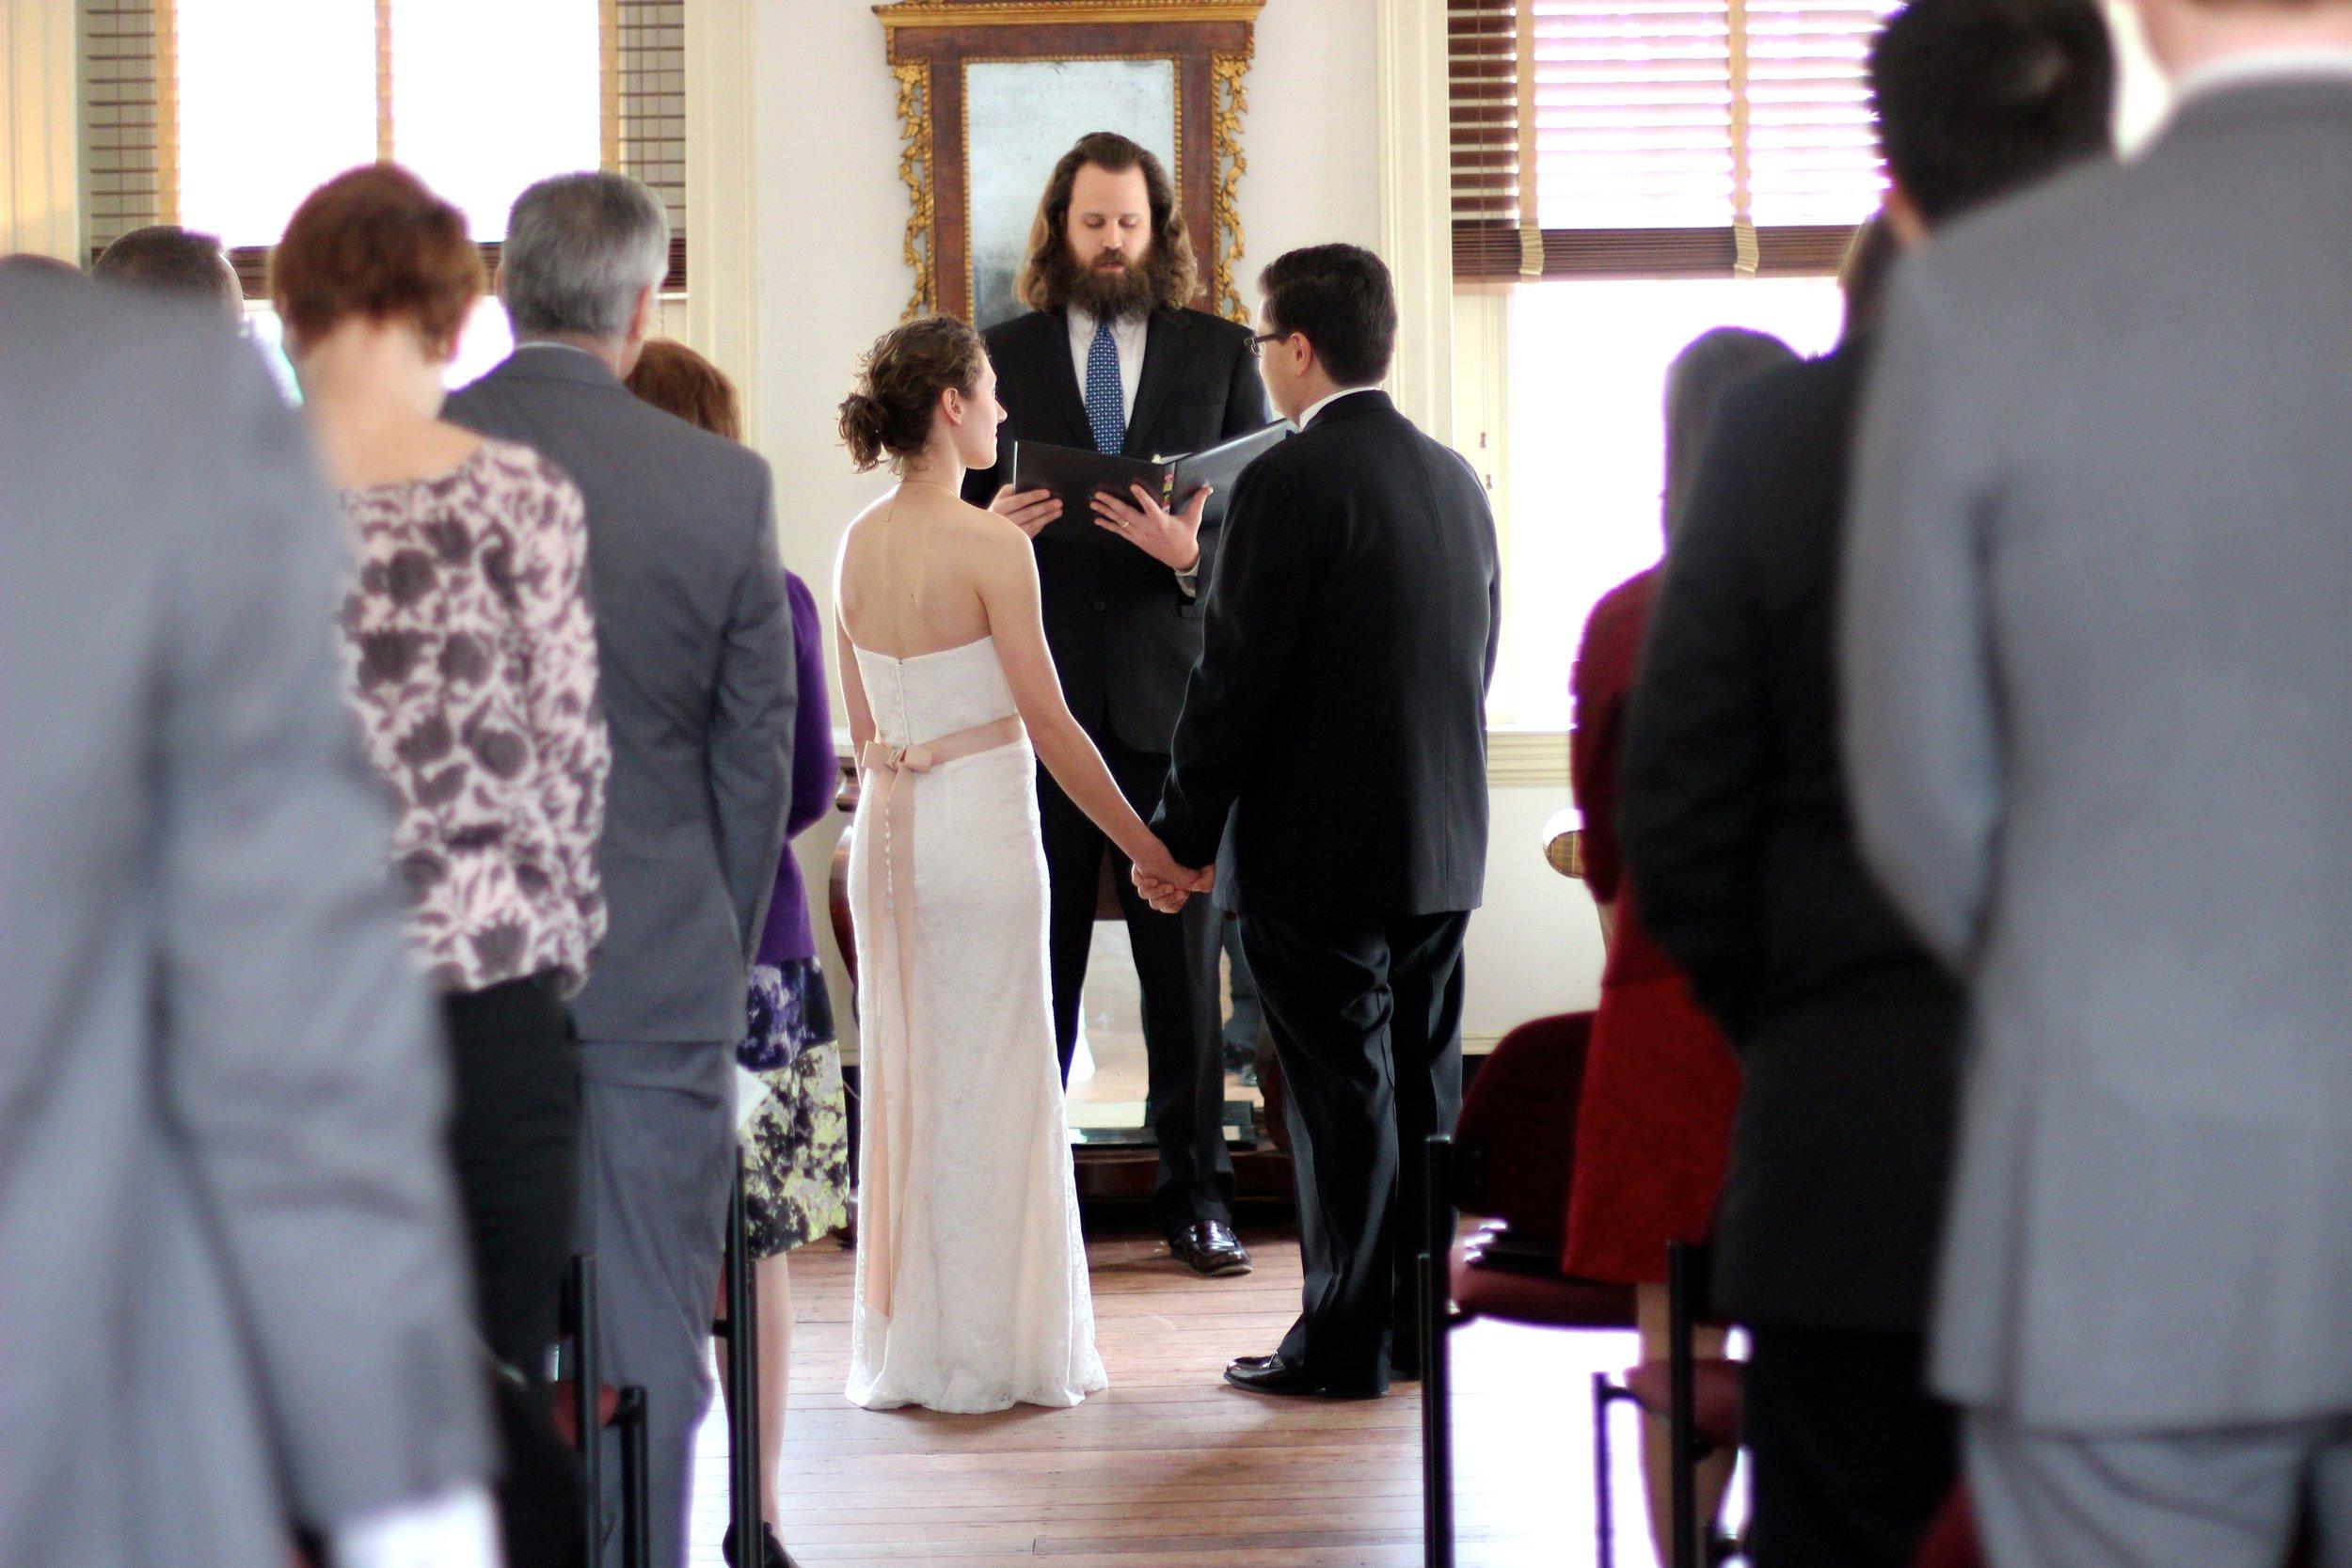 Emily's wedding